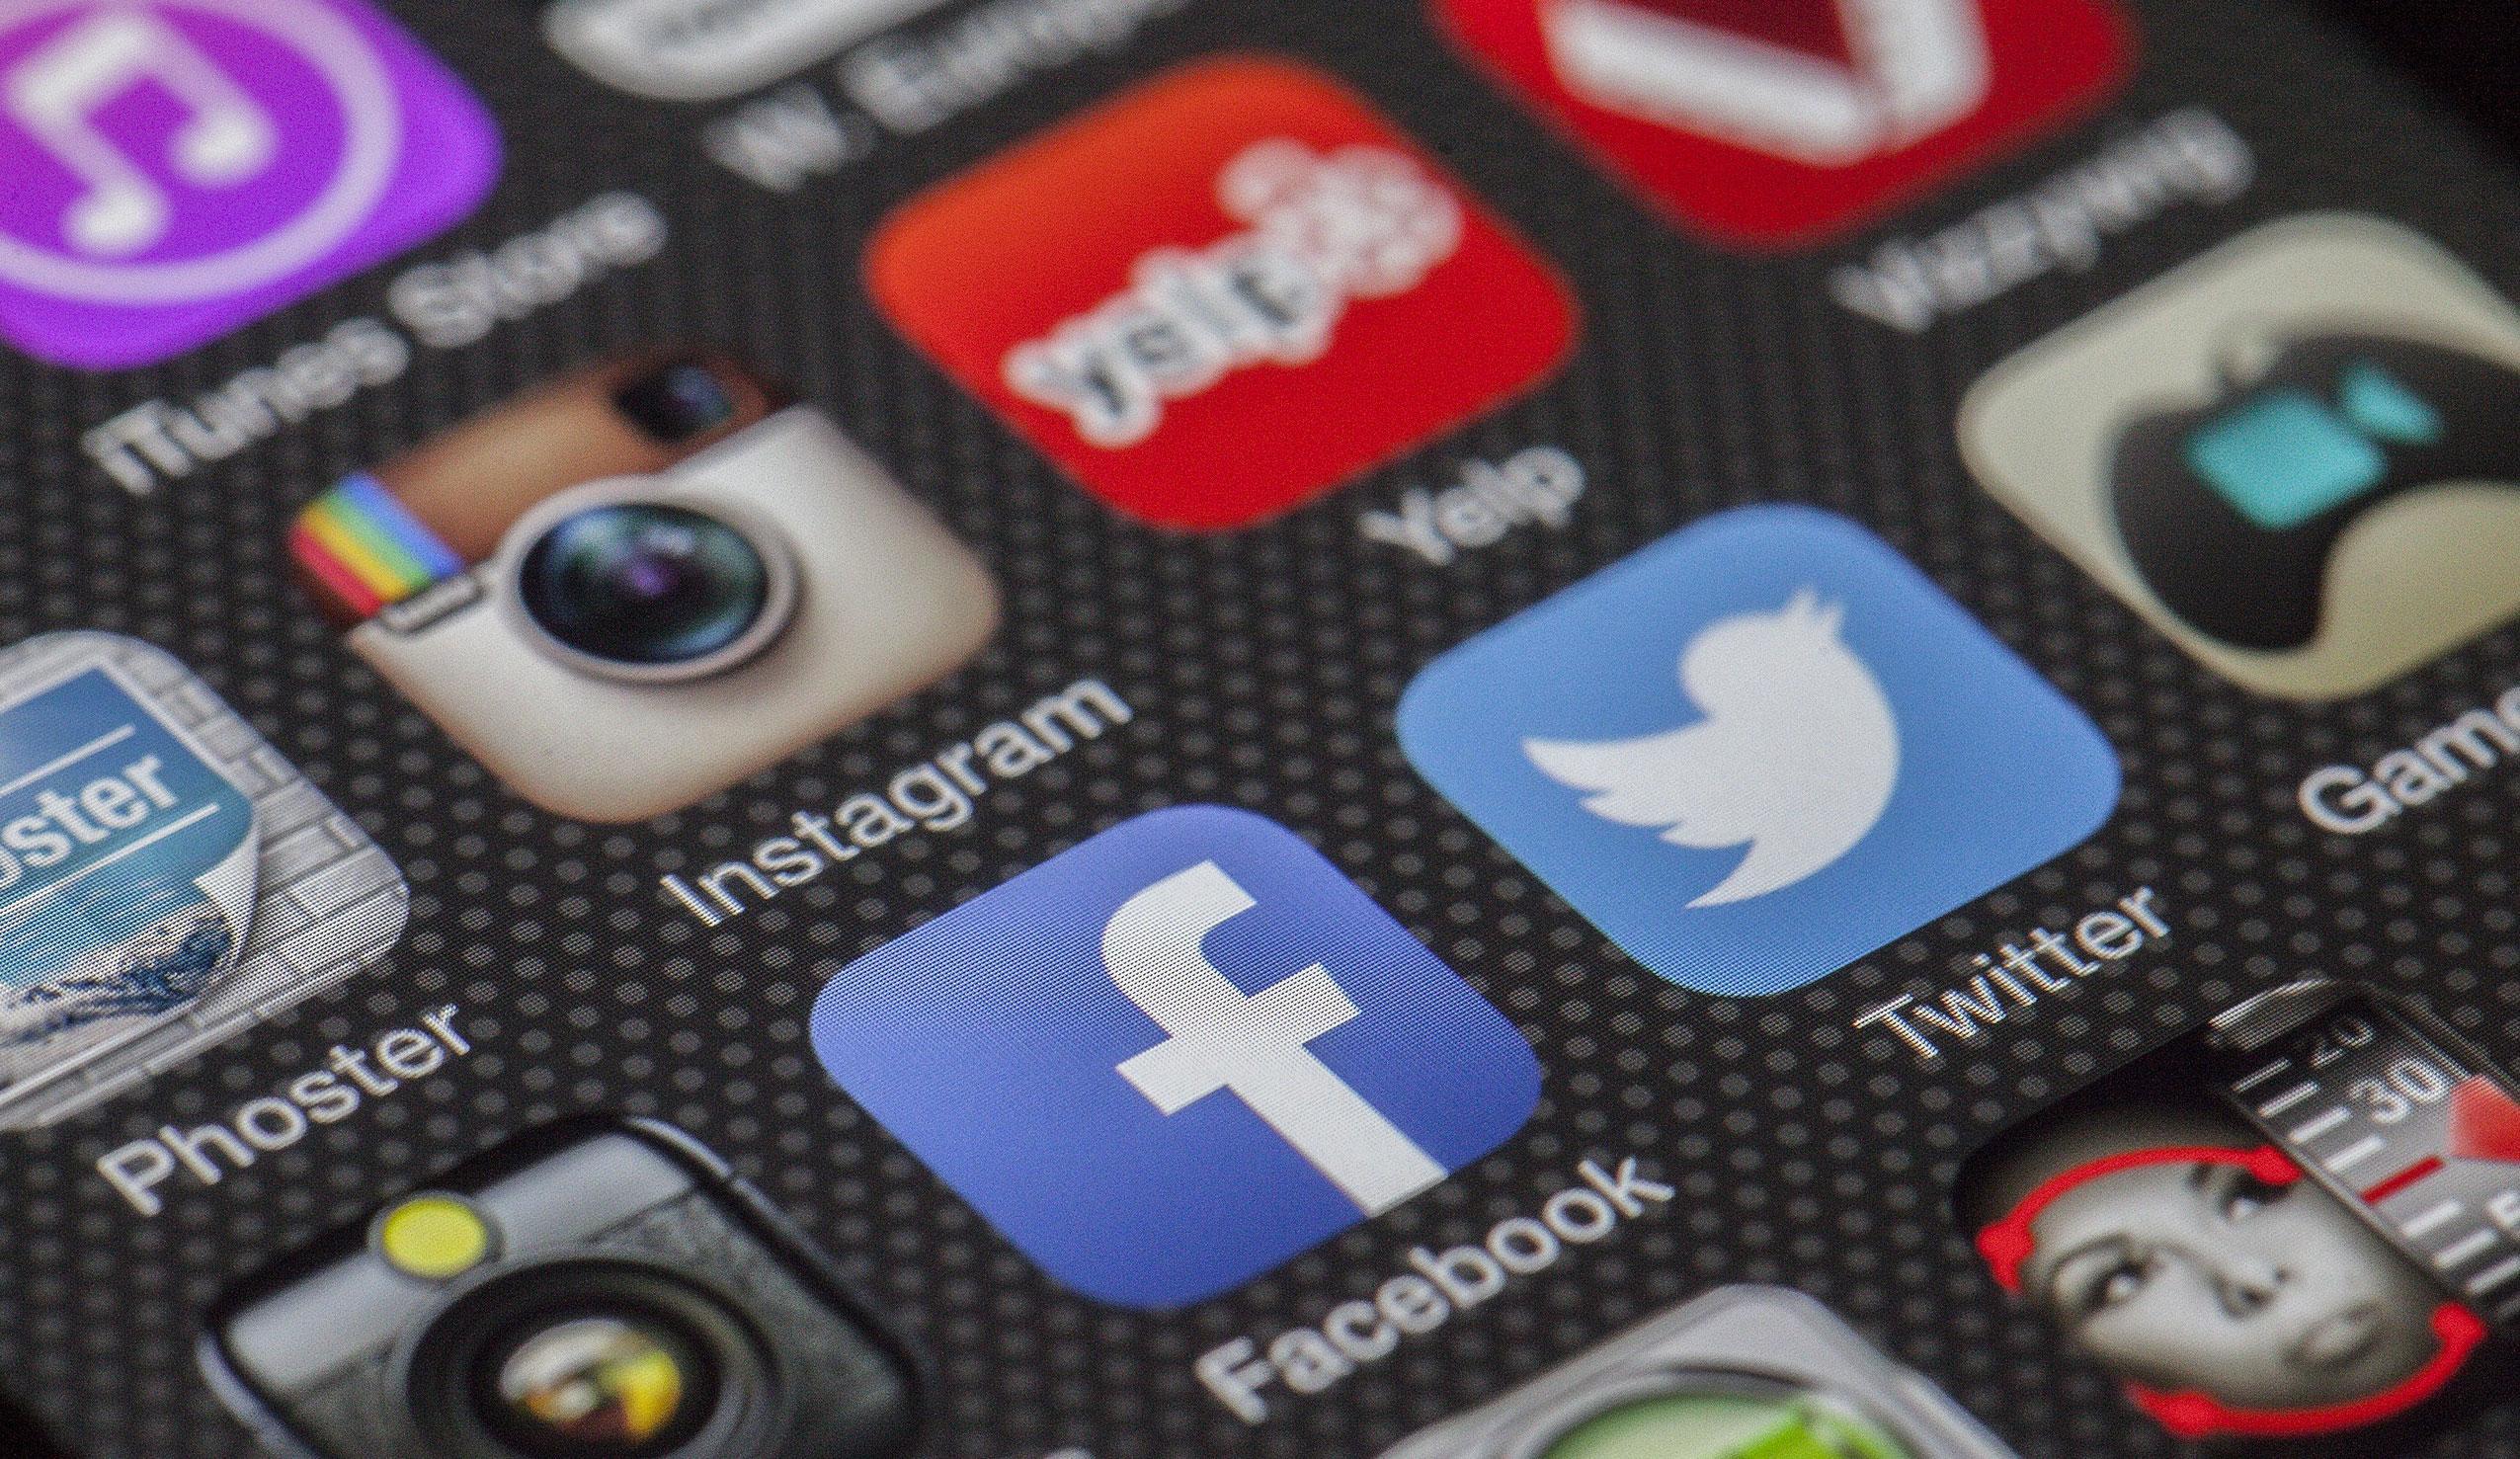 Il mercato delle app mobile è in continua crescita